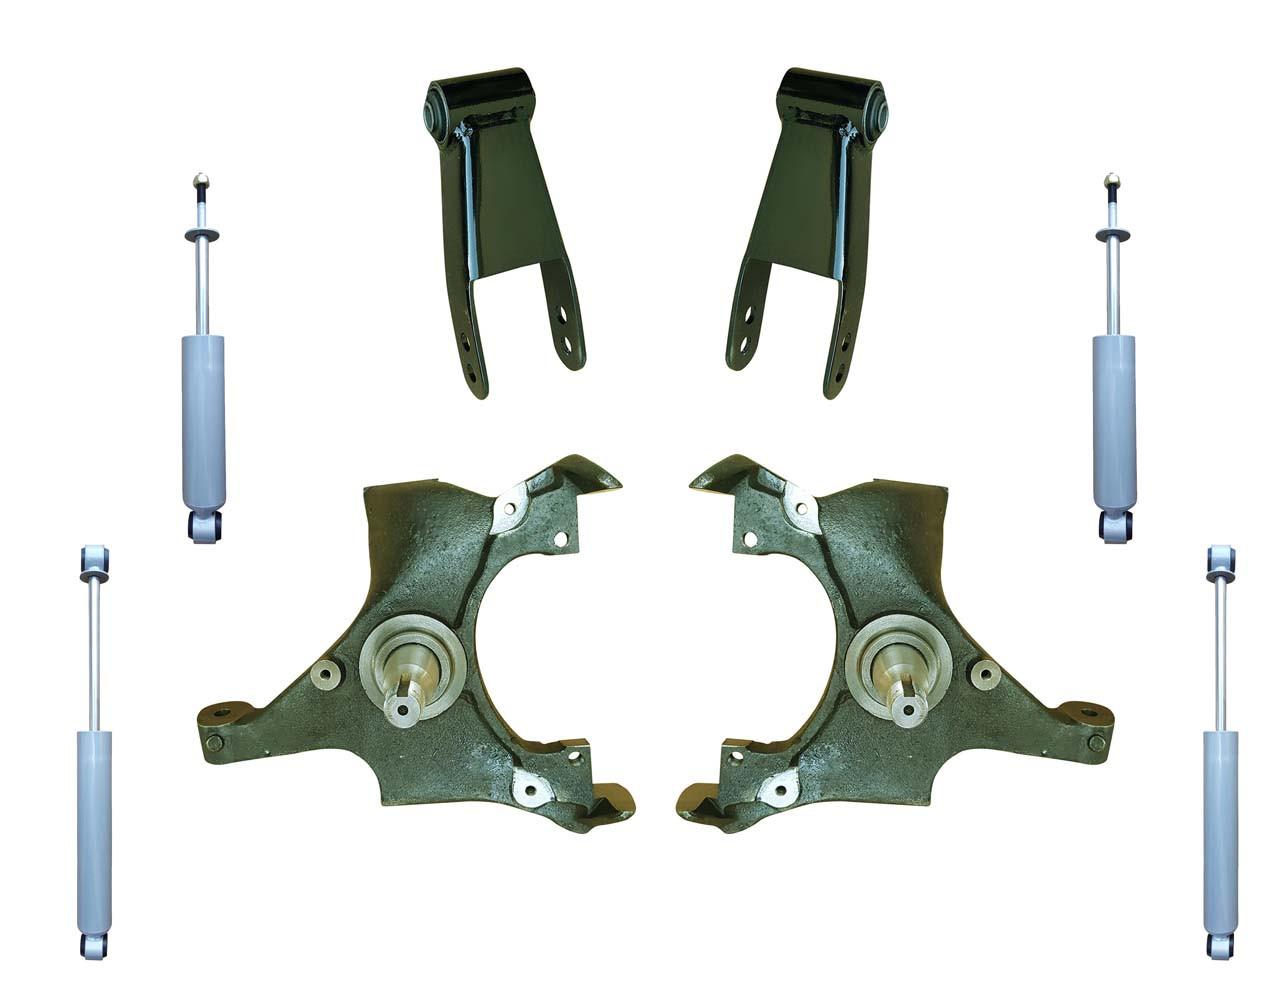 92 99 yukon tahoe suburban 2 drop spindle lowering kit with shocks [ 1280 x 993 Pixel ]